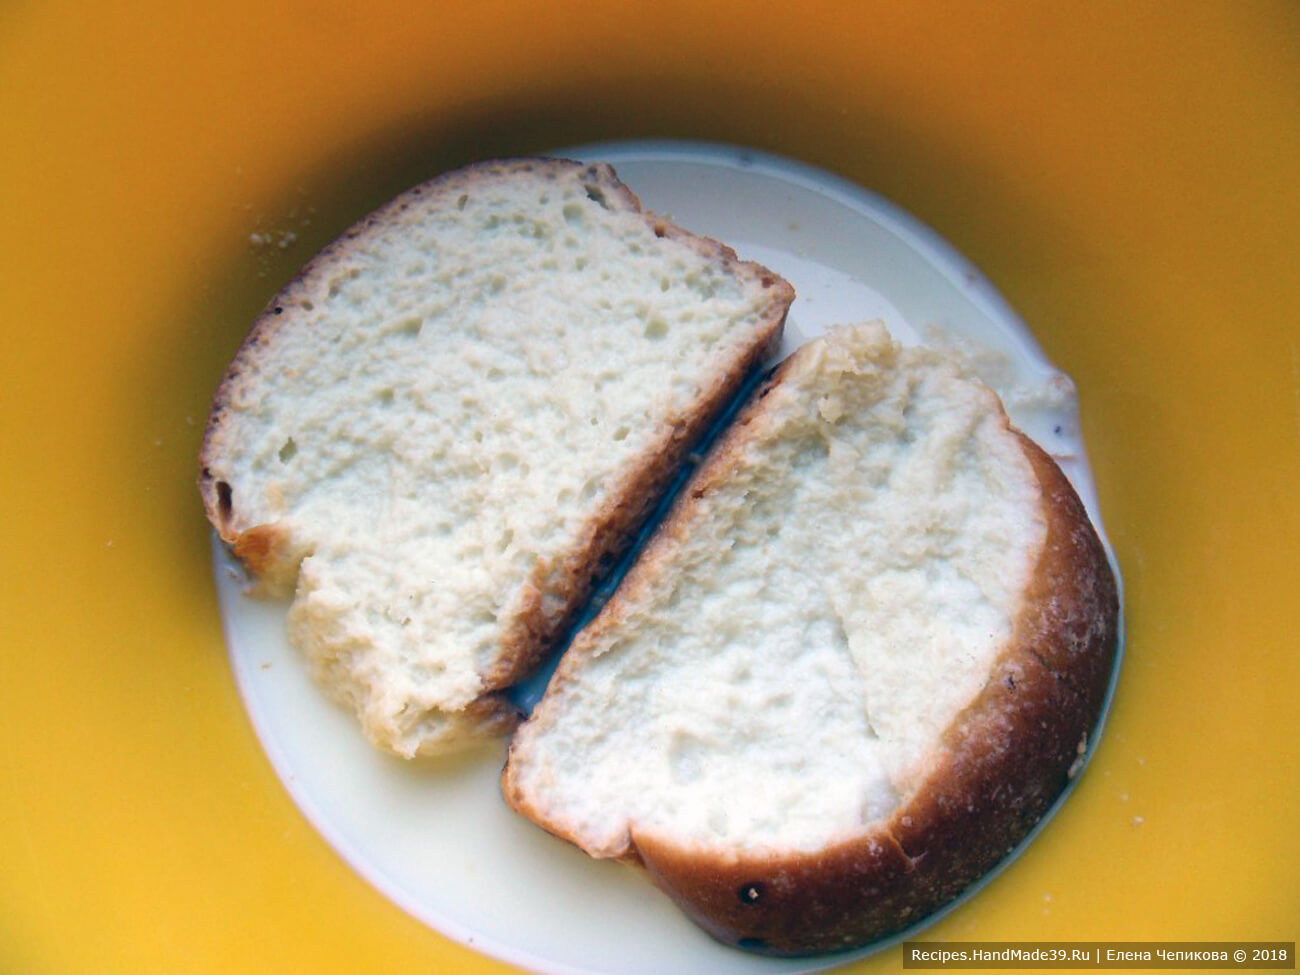 Белый хлеб замочить в молоке